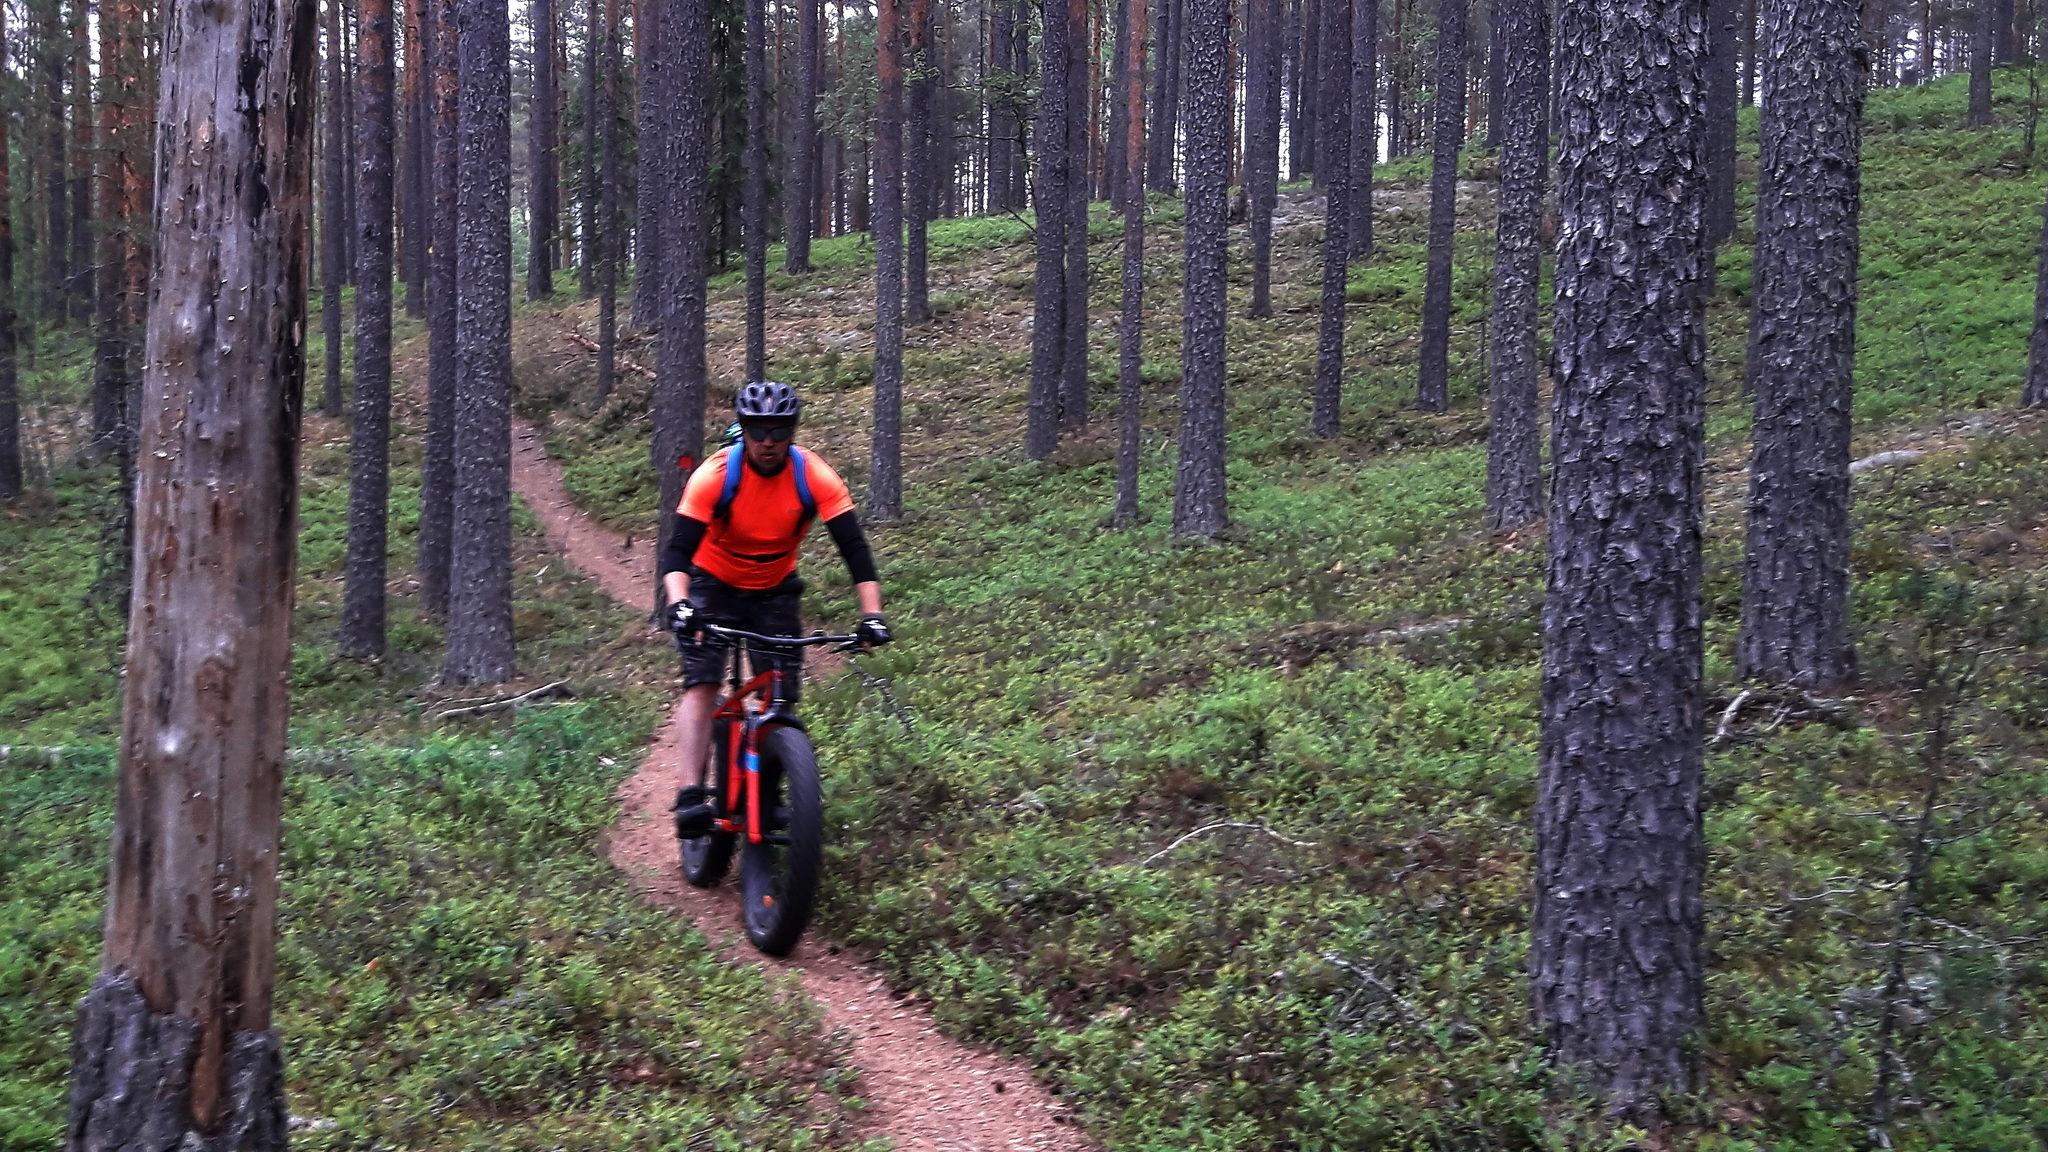 Fatbike-retki Leivonmäen kansallispuiston upeille poluille ympäri vuoden!